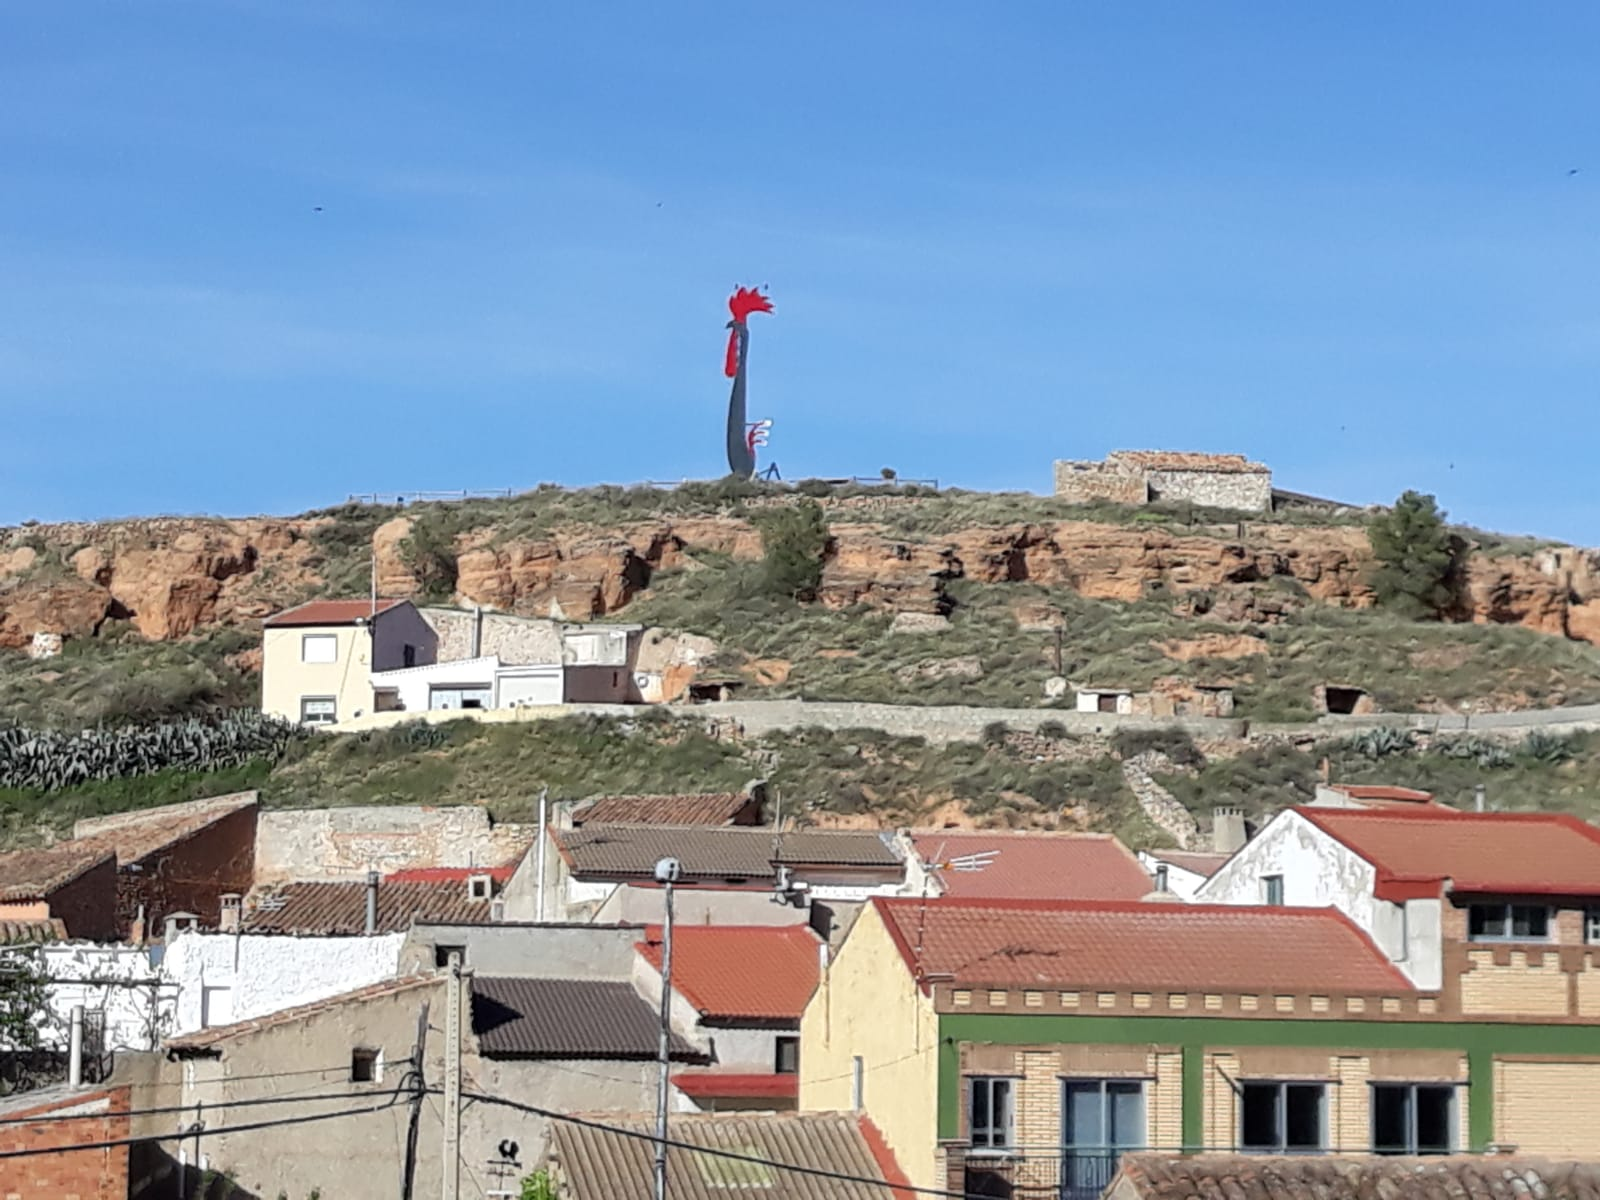 monumento_gallo_mirador_santa_barbara_moyuela_2